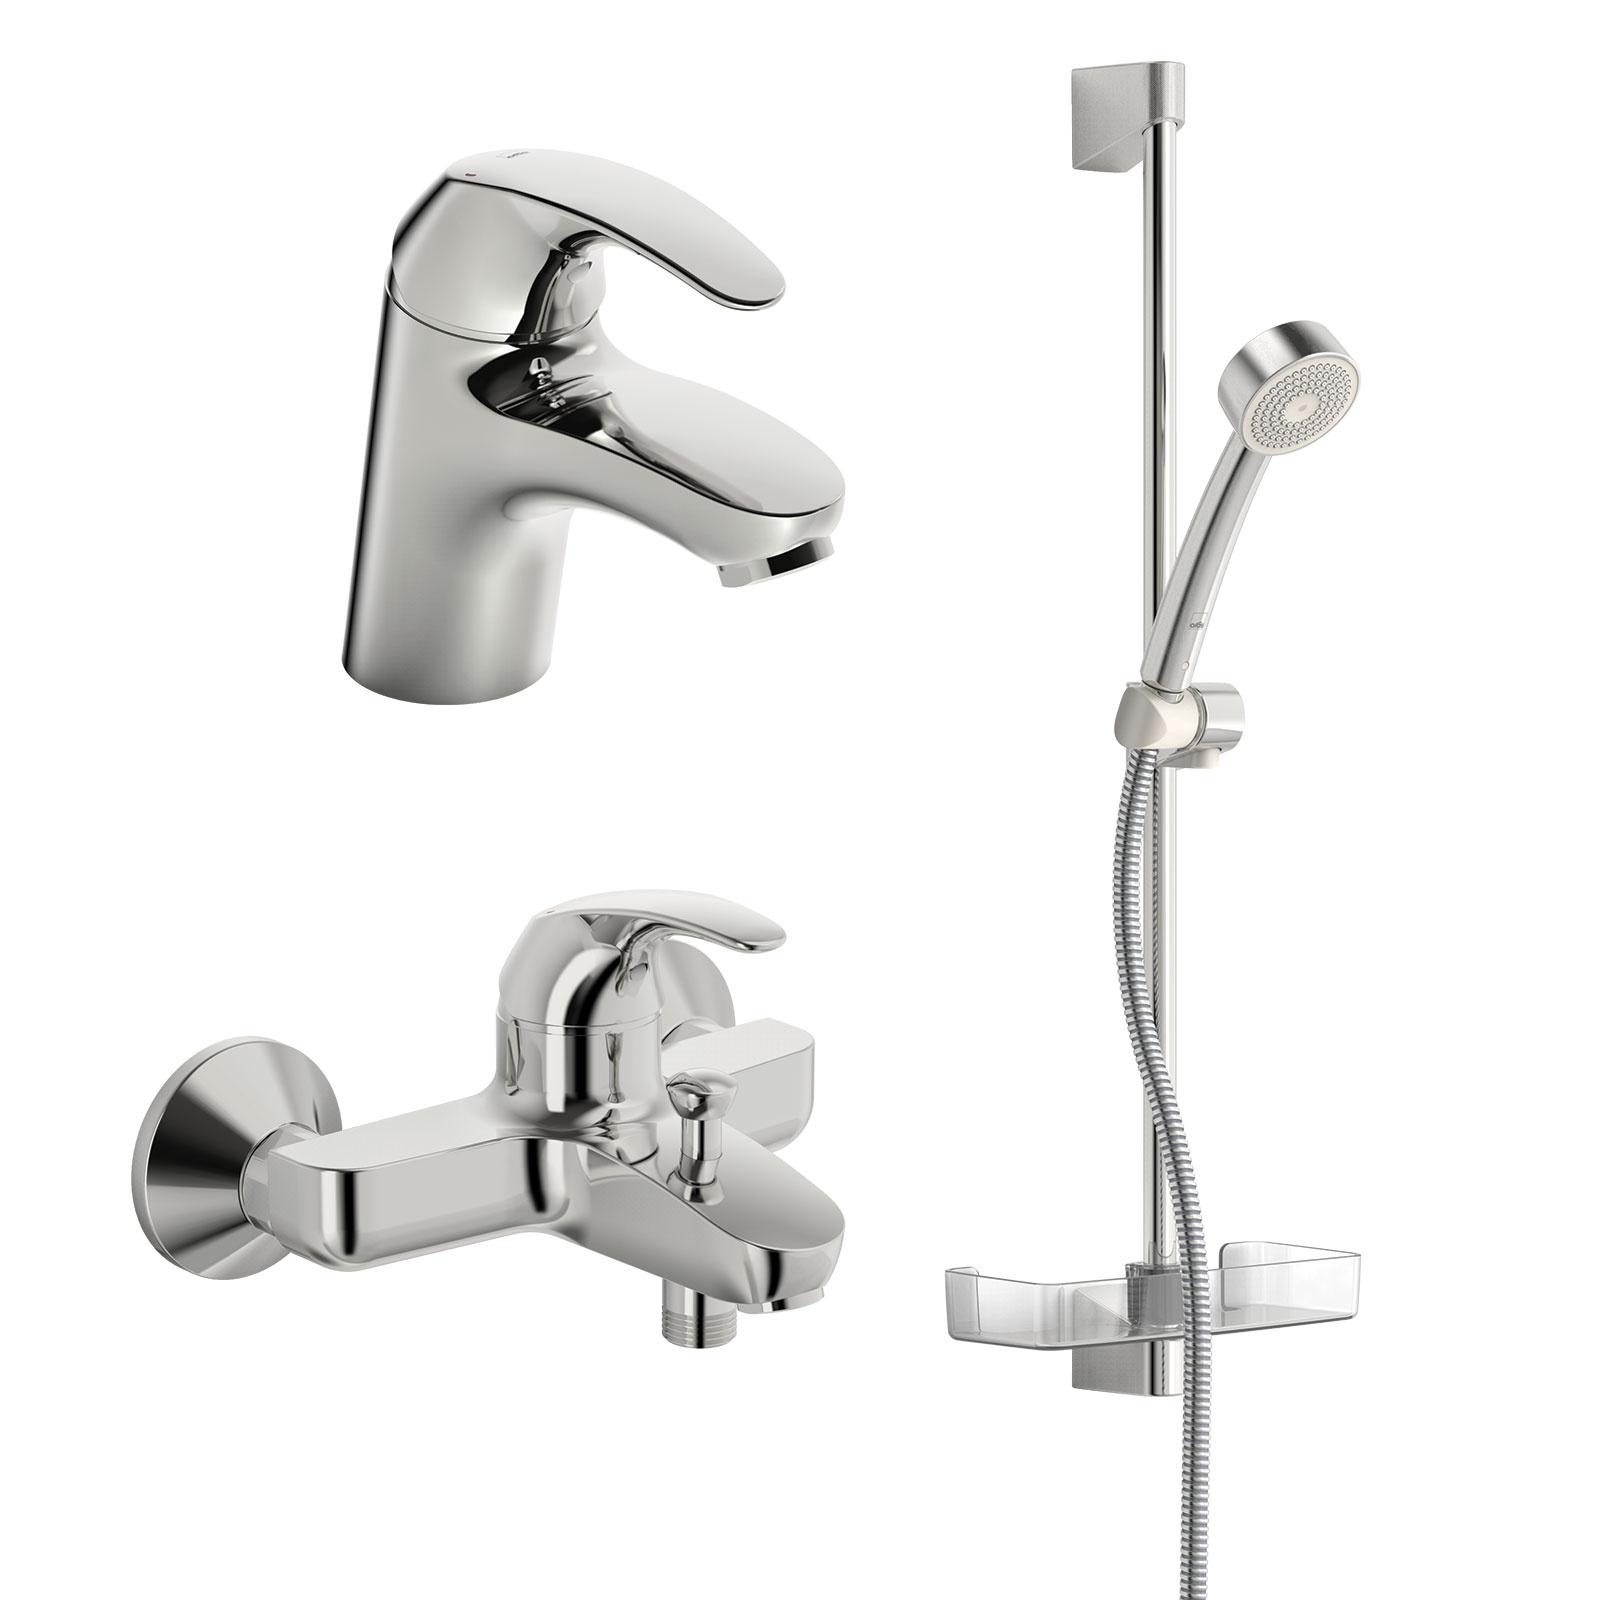 Душевой комплект Oras Polara 1496 Набор смесителей для ванной комнаты смеситель для ванны и душа с душевым комплектом oras polara 1448y